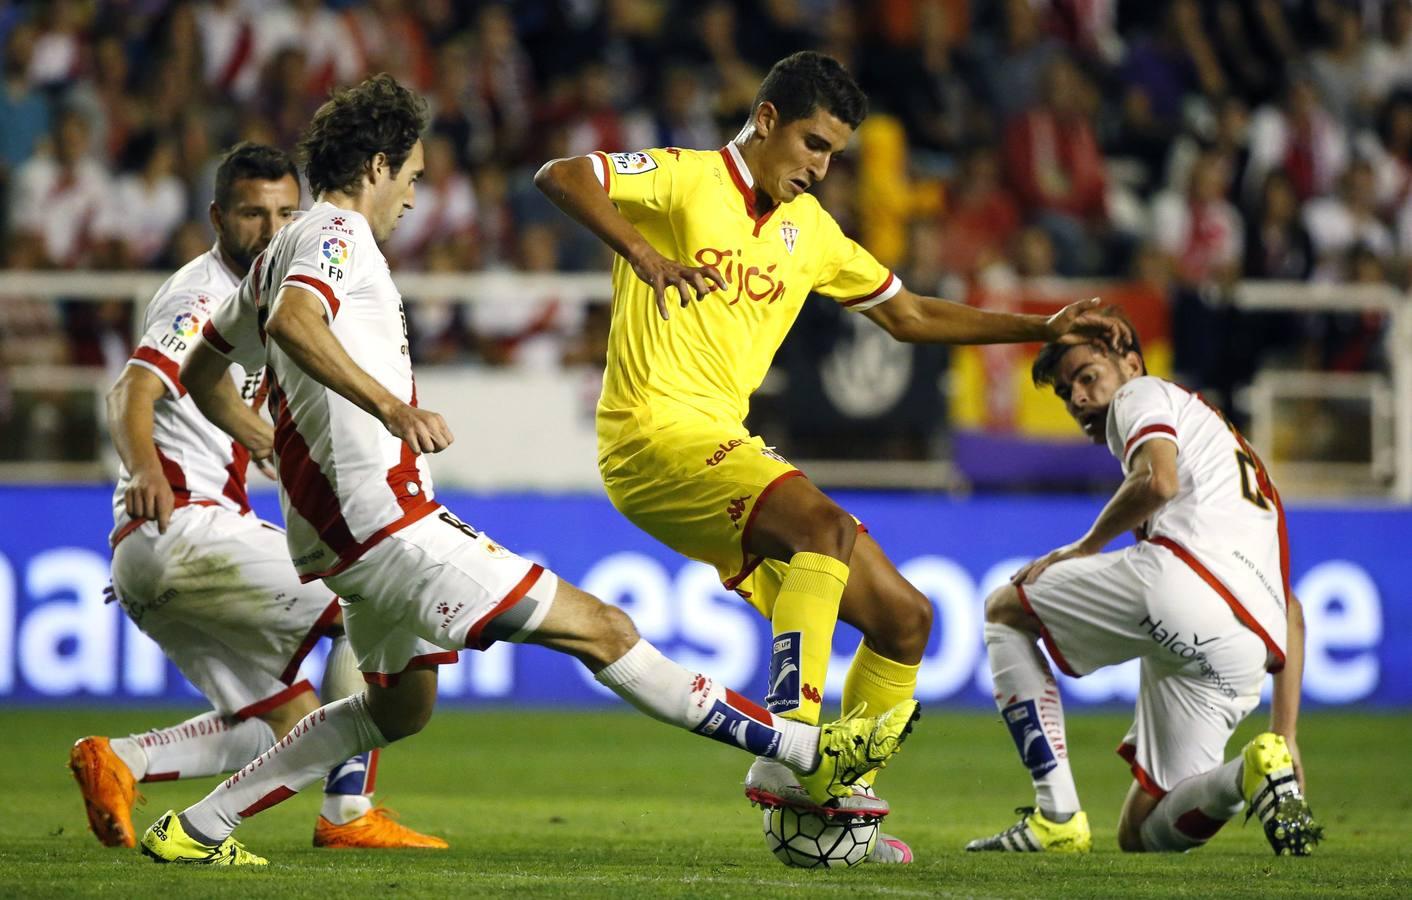 GRA472. MADRID, 23/09/2015.- El delantero del Sporting, Omar Mascarell (c), controla la pelota ante los jugadores del Rayo Vallecano, Embarba (d), Jozabed (i) y Raúl Baena (2i),durante el partido ante el Sporting de Liga de Primera División disputado esta tarde en el estadio de Vallecas. EFE/Alberto Martín